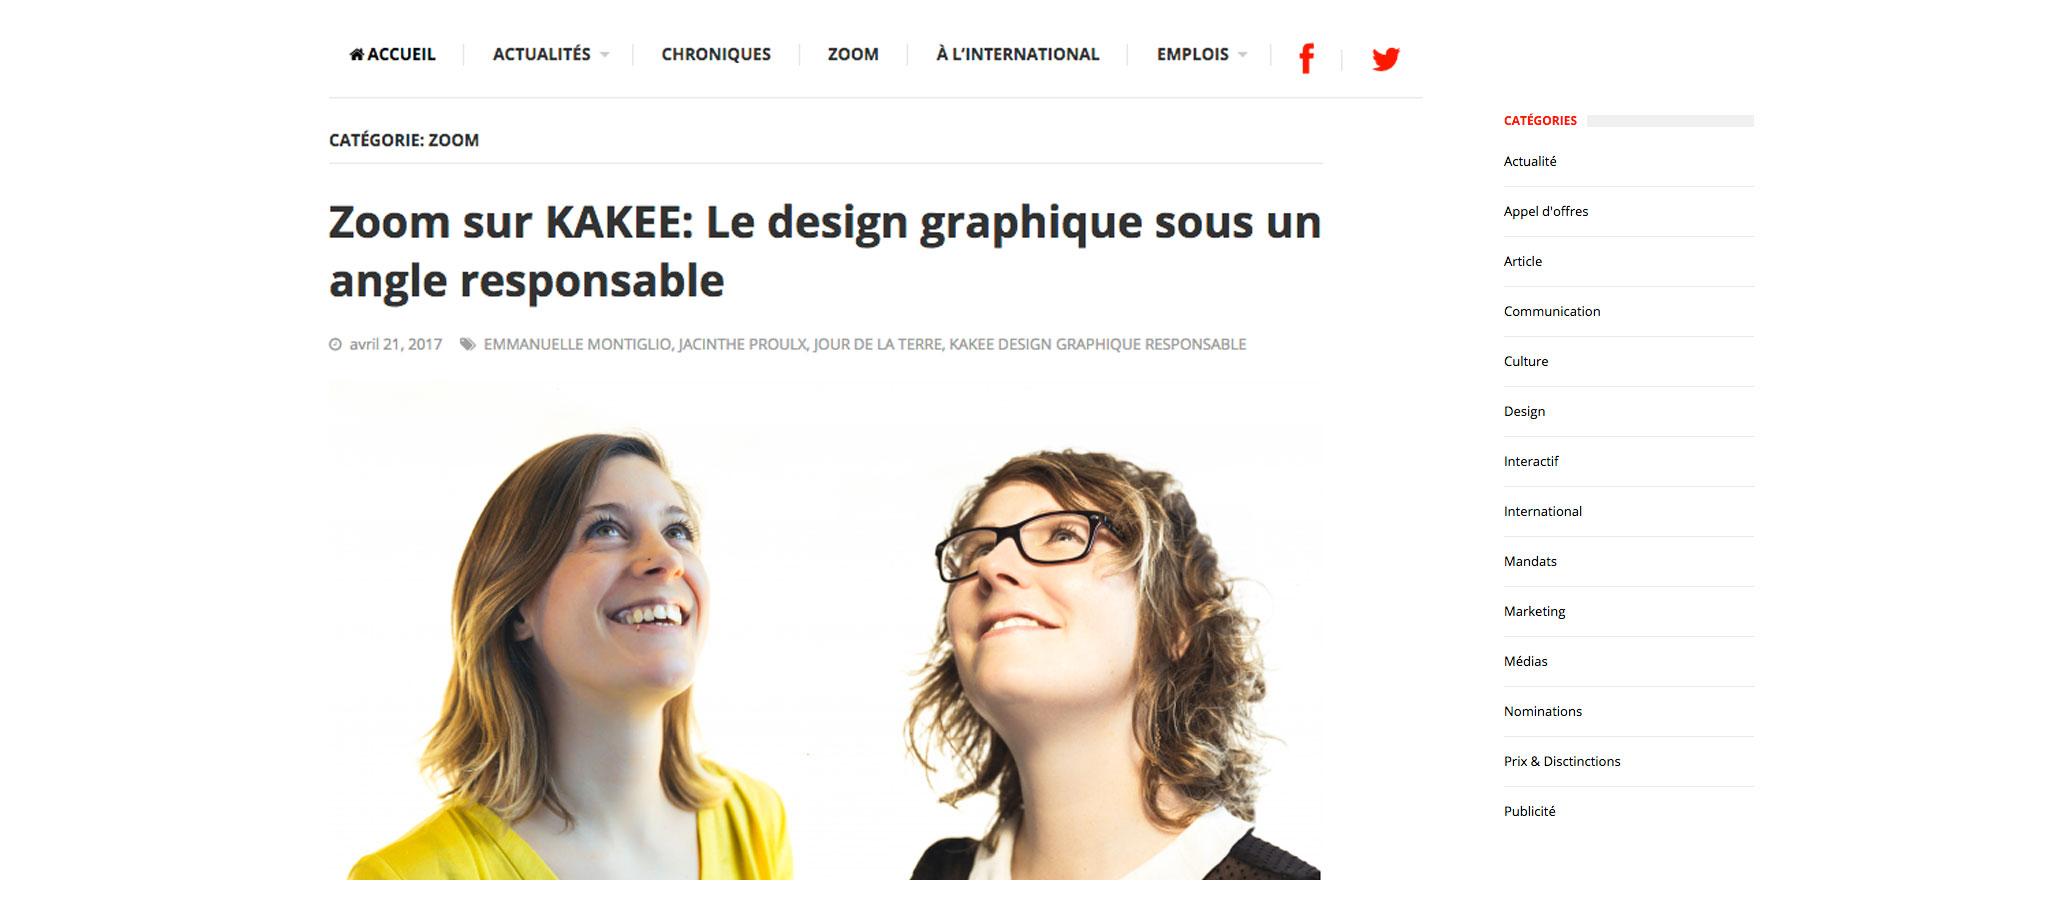 Dans le cadre du Jour de la Terre, Eristik a recontré l'équipe de KAKEE pour discuter du design graphique responsable.